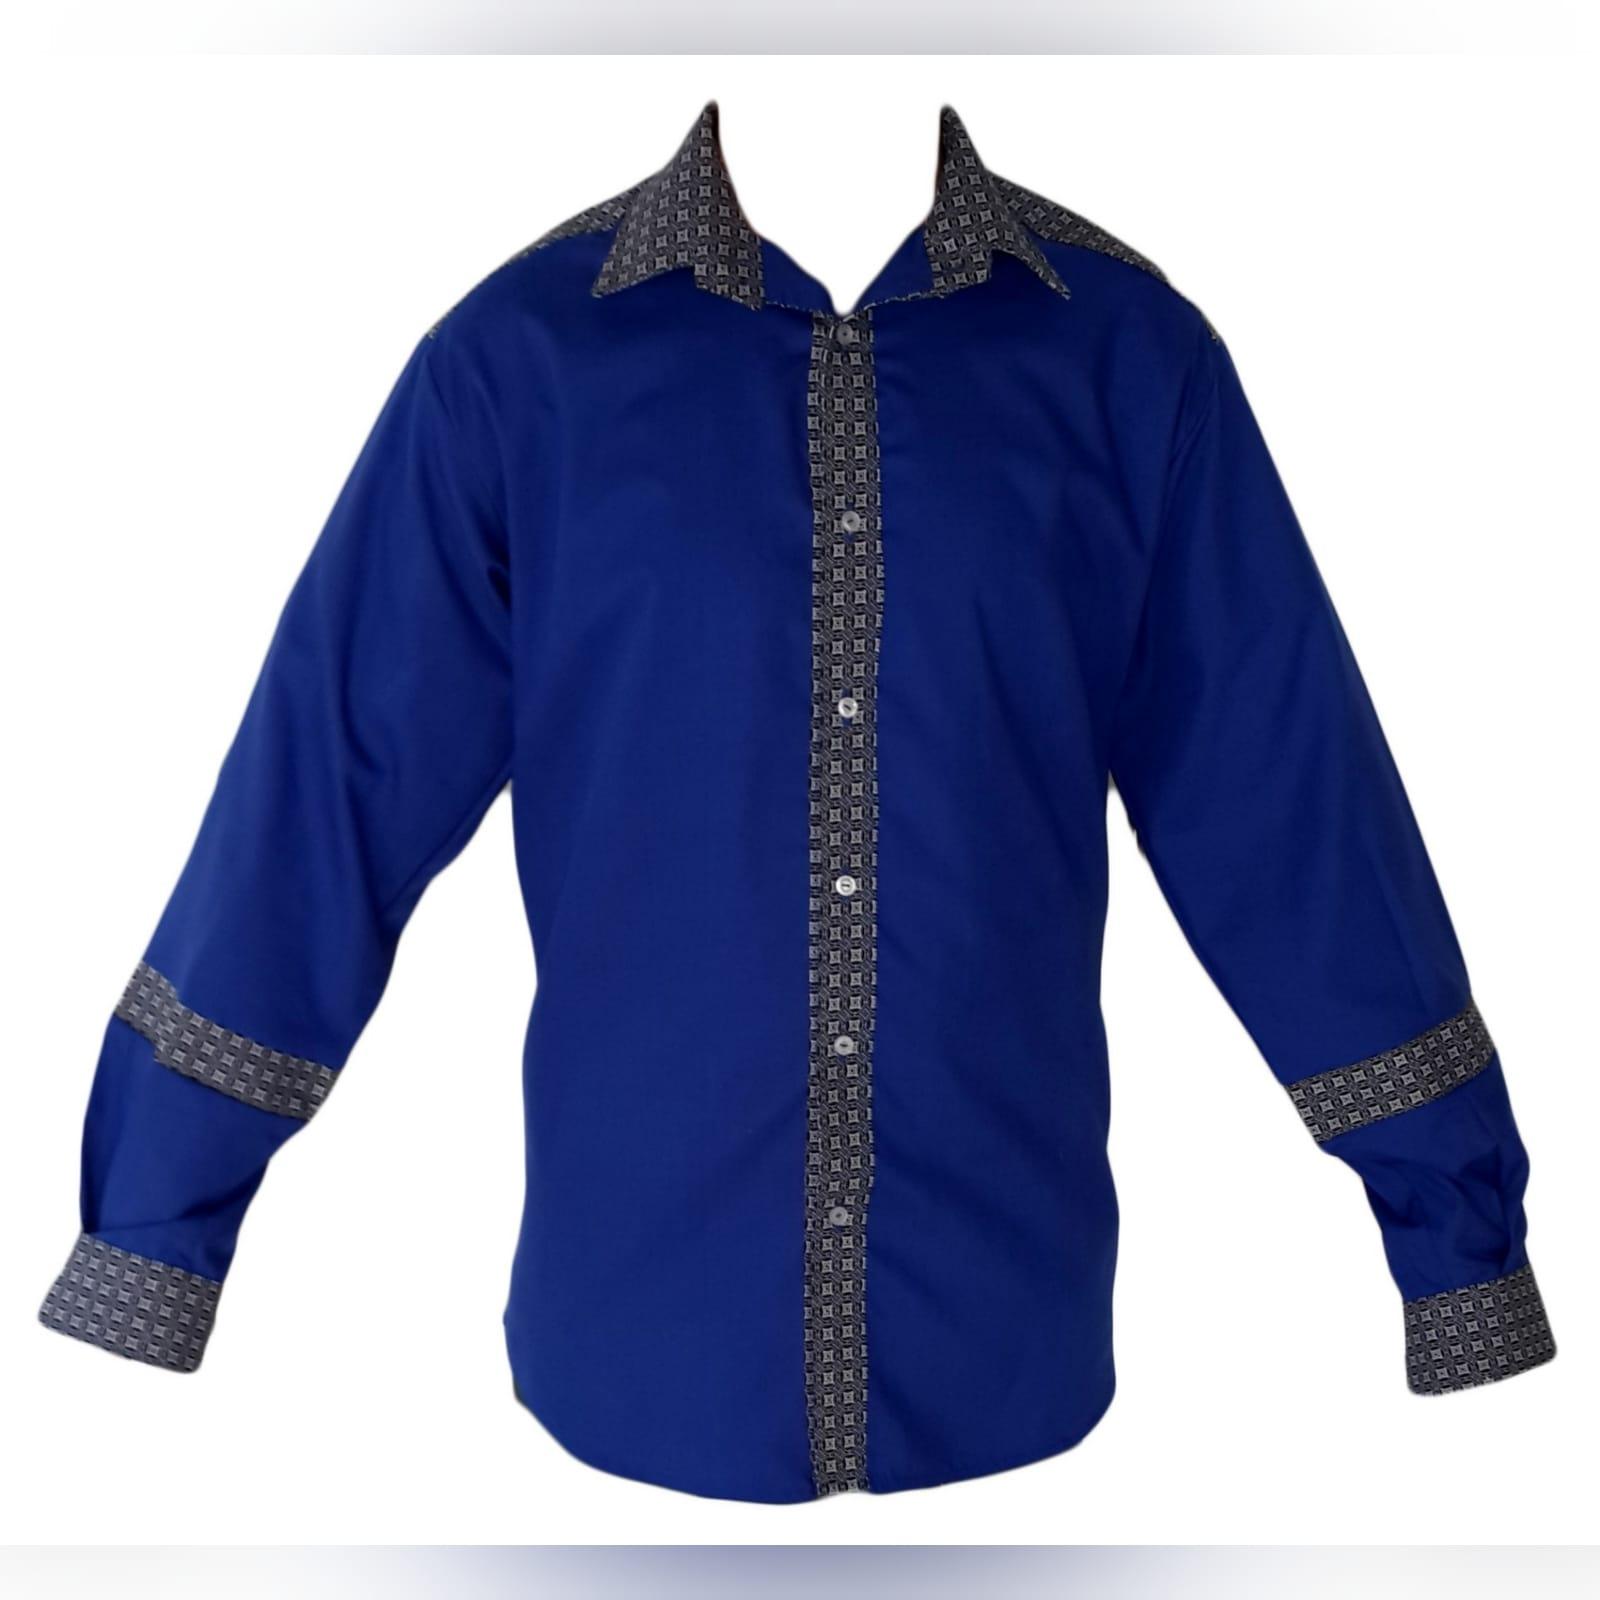 Camisa de homem tradicional com tecido africano 5 camisa de homem tradicional com detalhes de tecido africano shweshwe. Shweshwe foi usado nos punhos, gola, faixa de botões e parte superior das costas e shweshwe detalhando no antebraço.